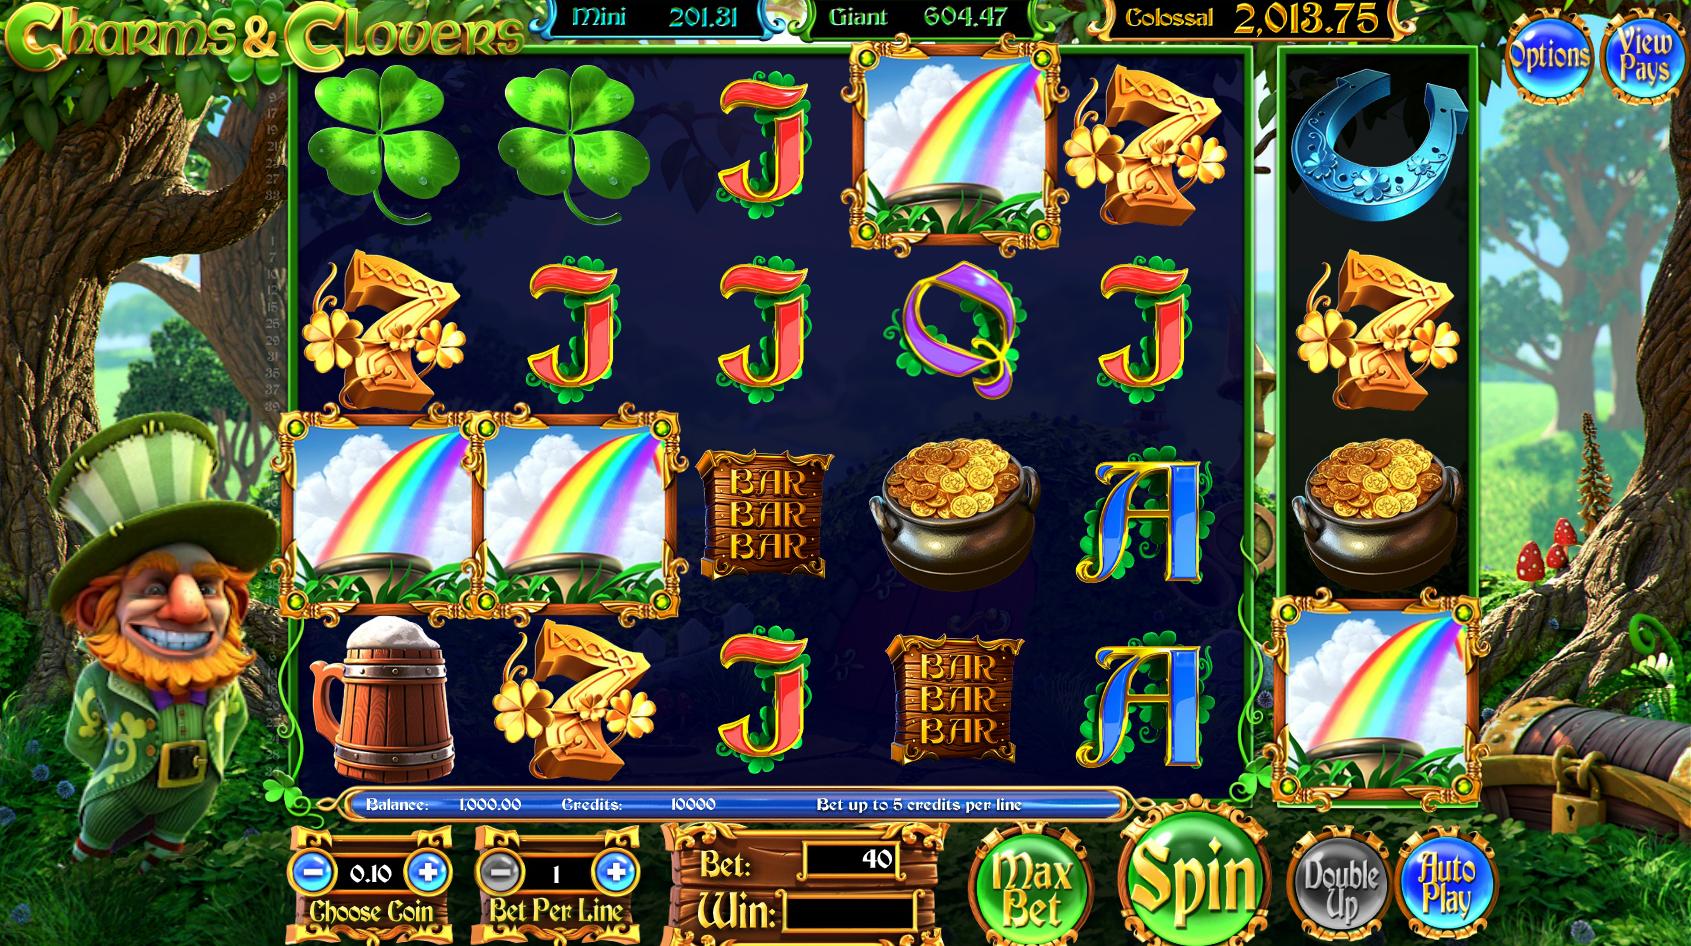 Онлайн казино қалай жұмыс істейді